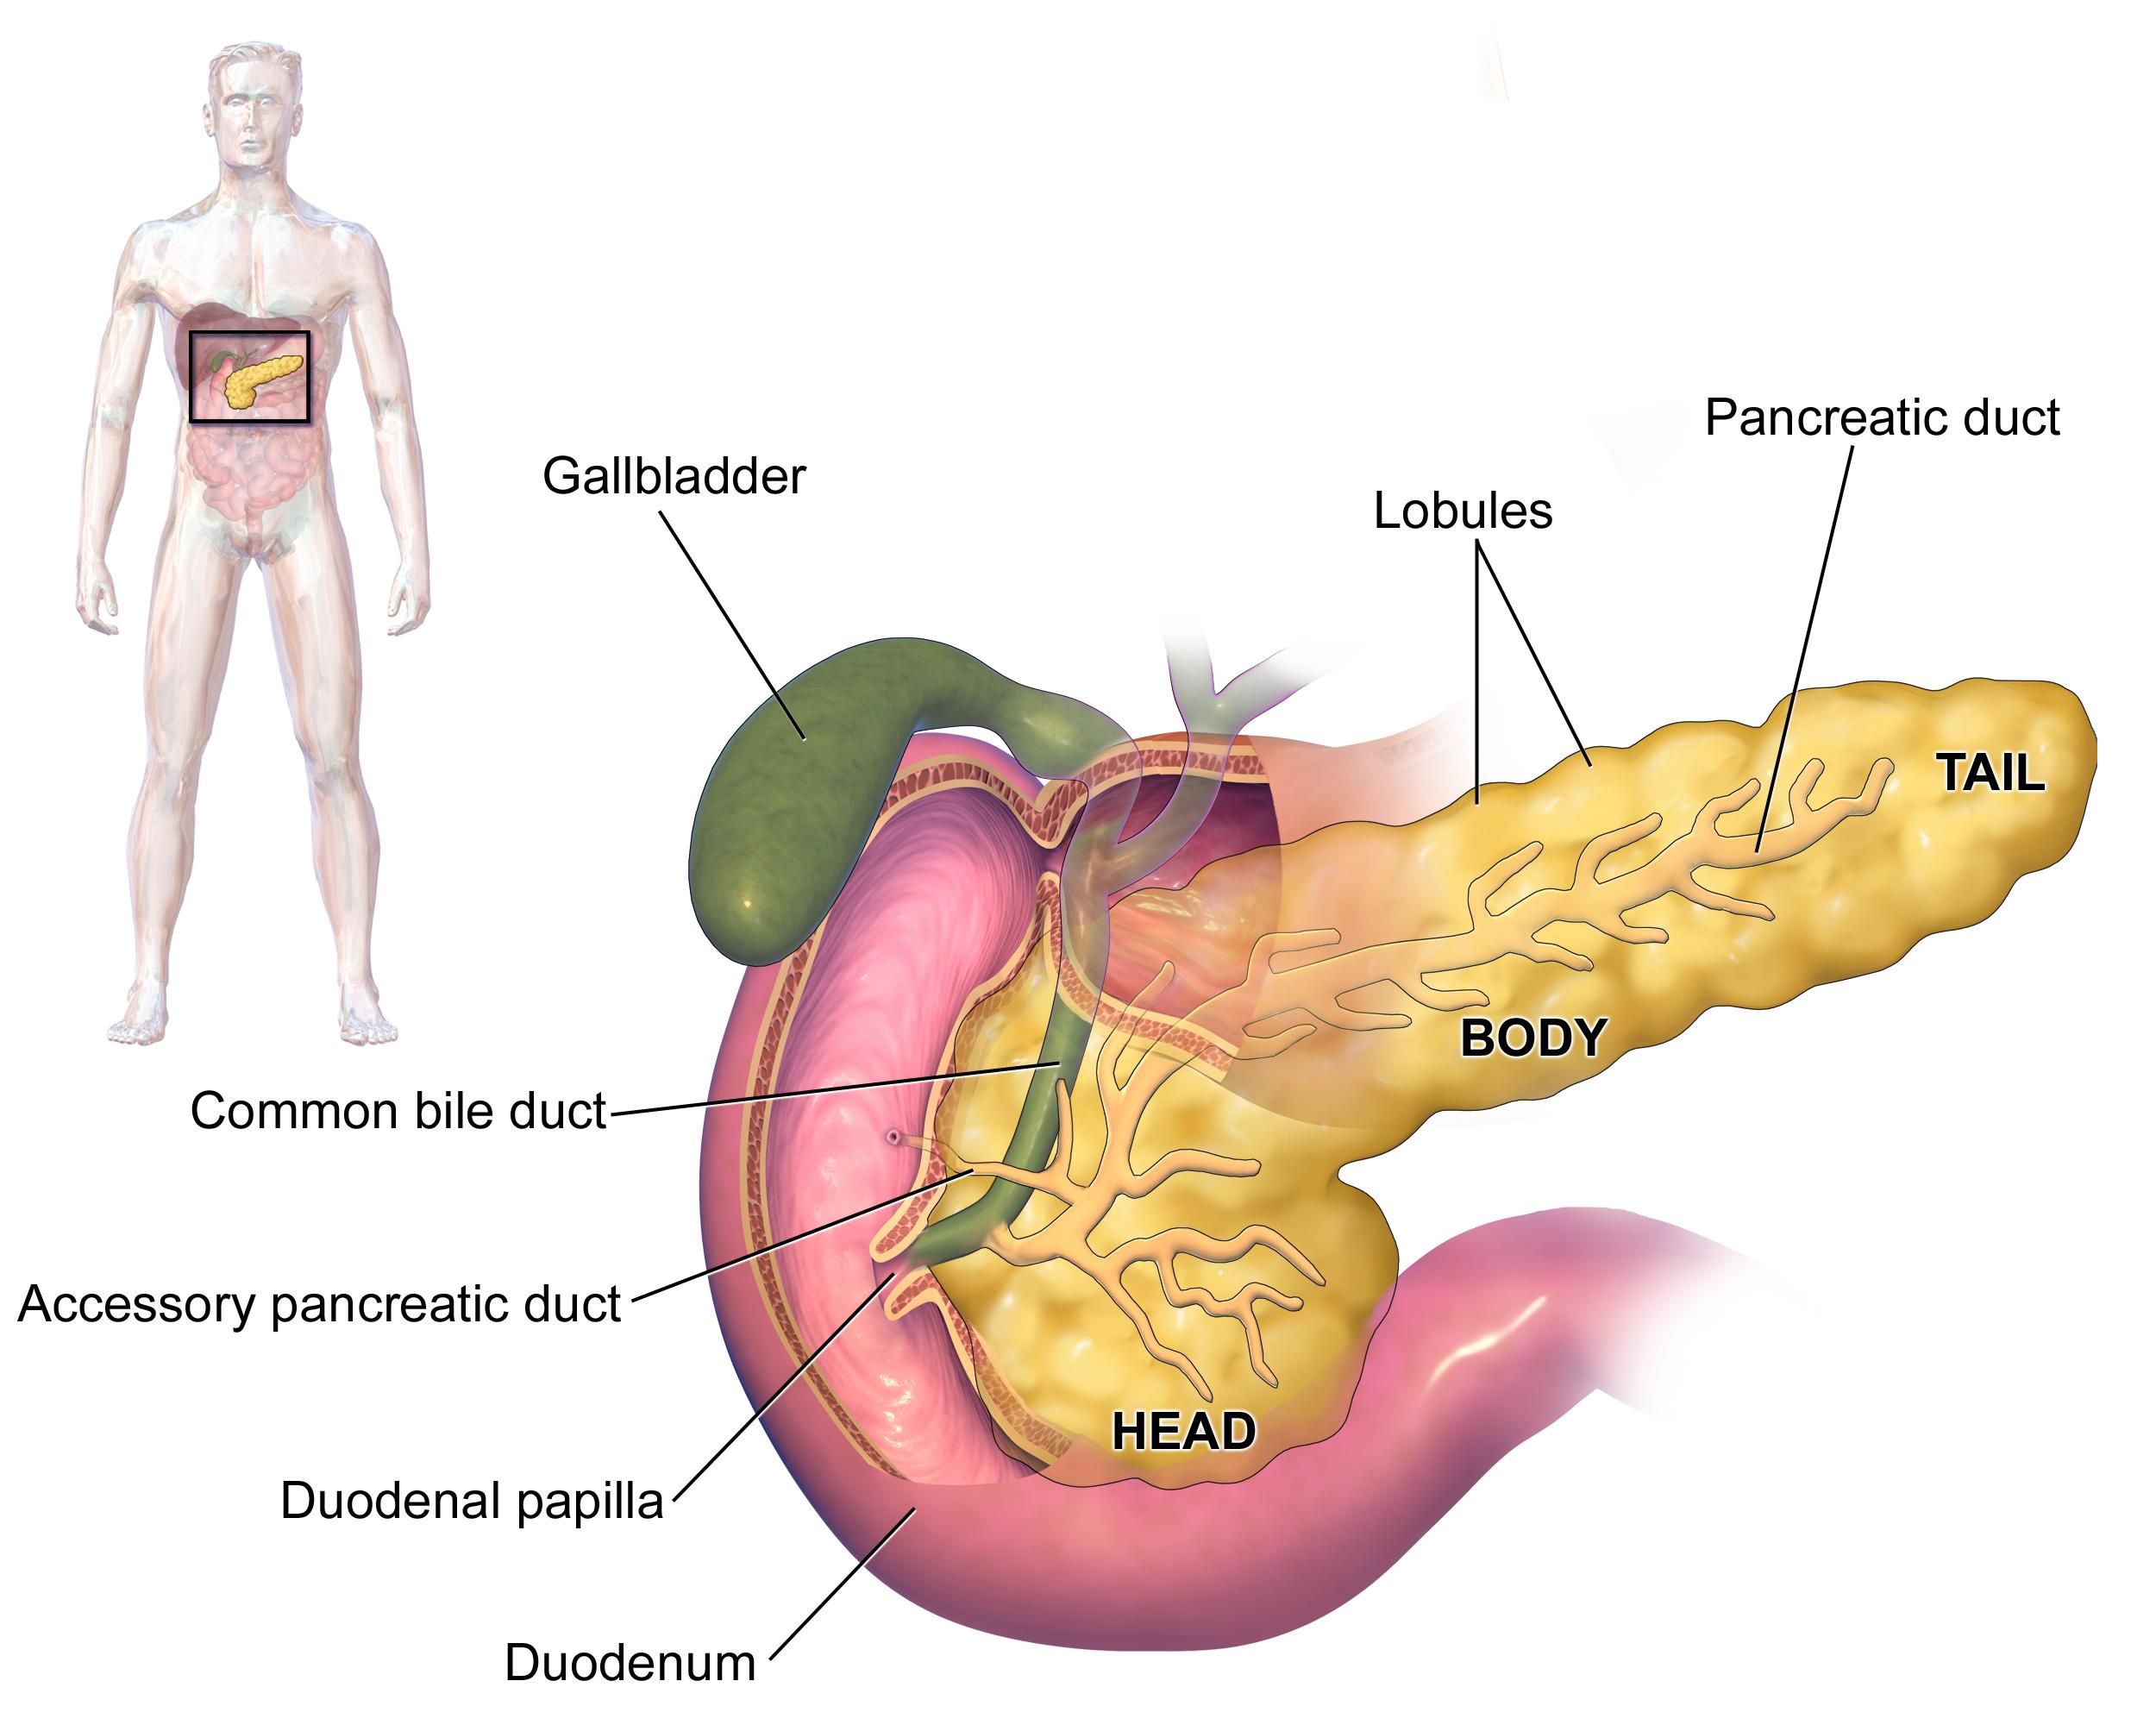 Ung thư tụy - những điều cần biết trước khi quá muộn